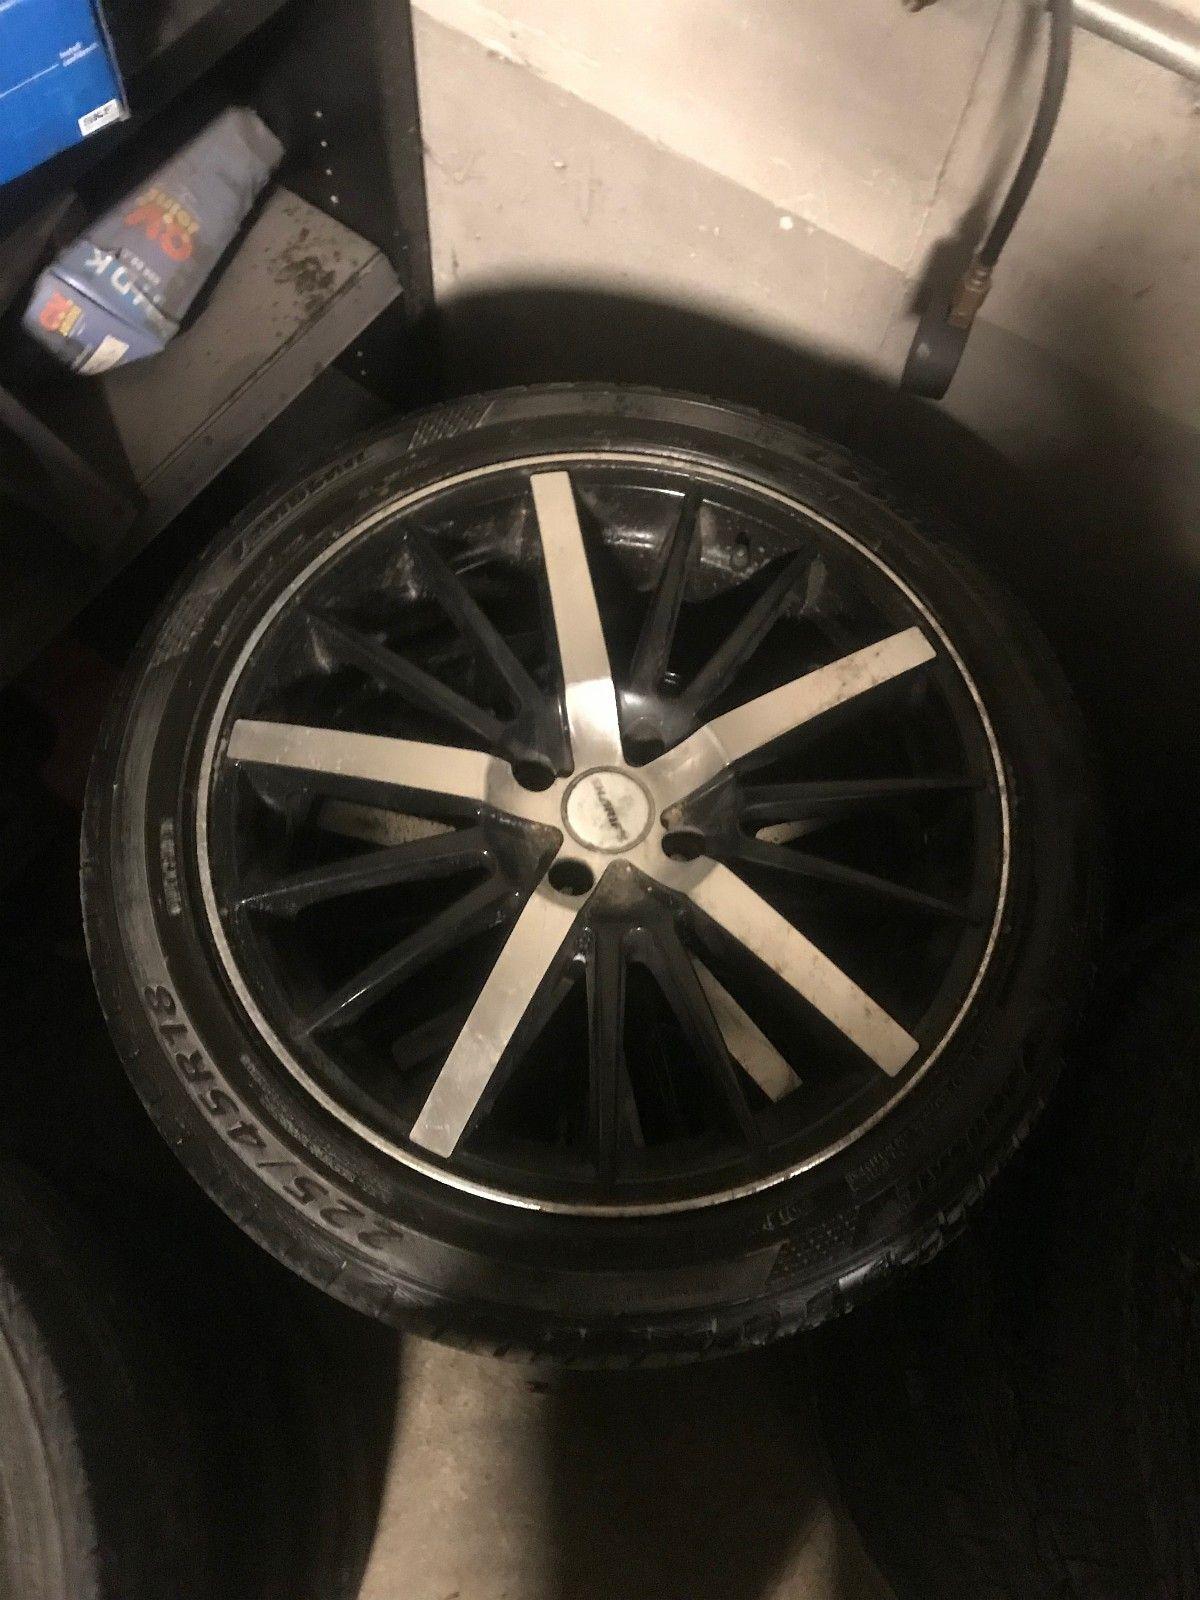 18 tommers felger med dekk 225/45/18 4x108 - Hunndalen  - 18 tommers felger Med dekk selges 225/45/18  Hjulene har sittet på en Citröen berlingo/Peugeot partner. De hjulene gir ett tøft utseende  Og sitter som klister på veien.   Boltsirkel : 4x108 & - Hunndalen